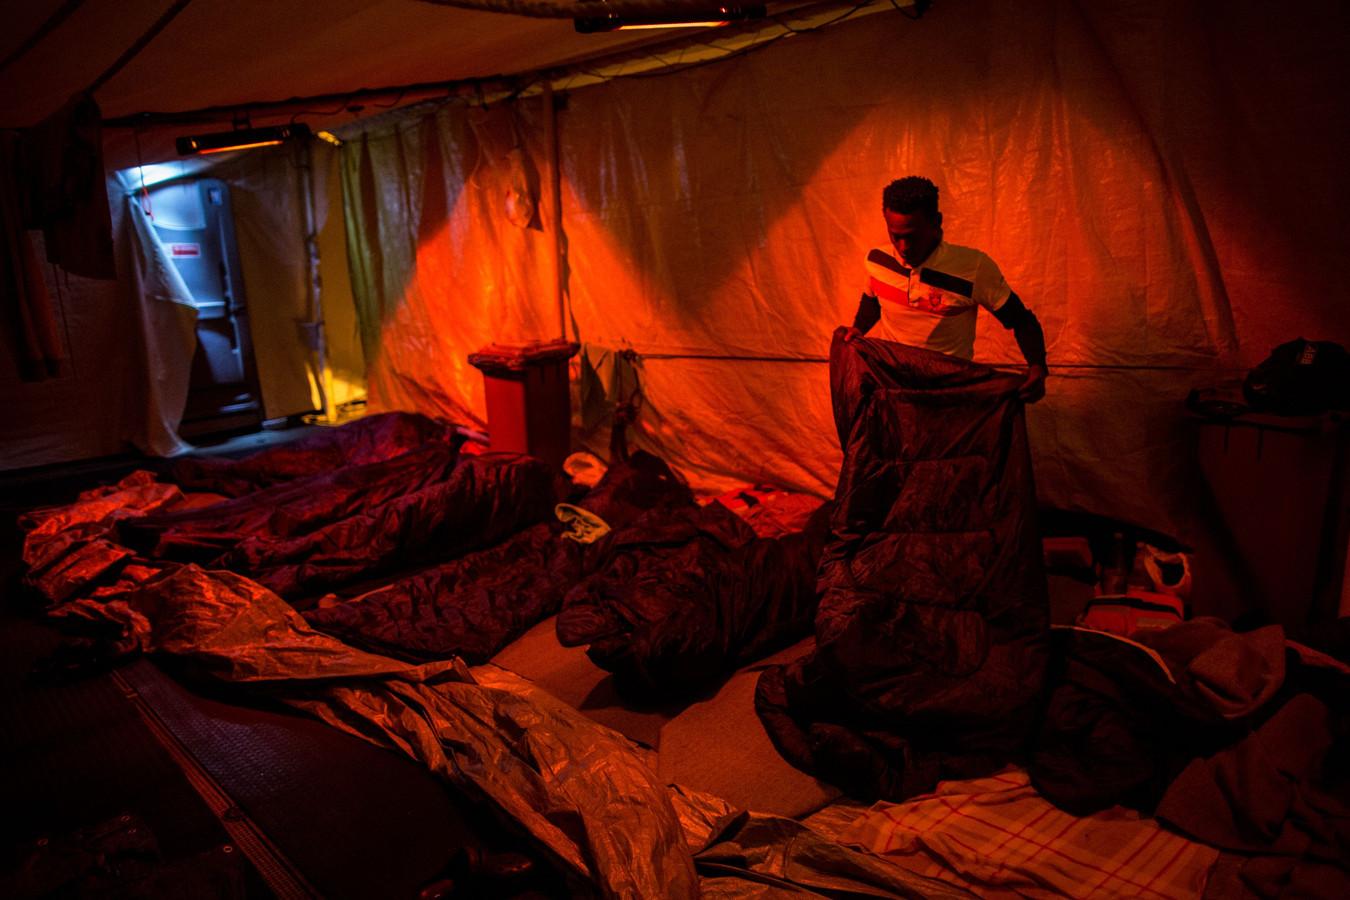 Een migrant maakt zijn slaapzak klaar om de nacht in door te brengen.